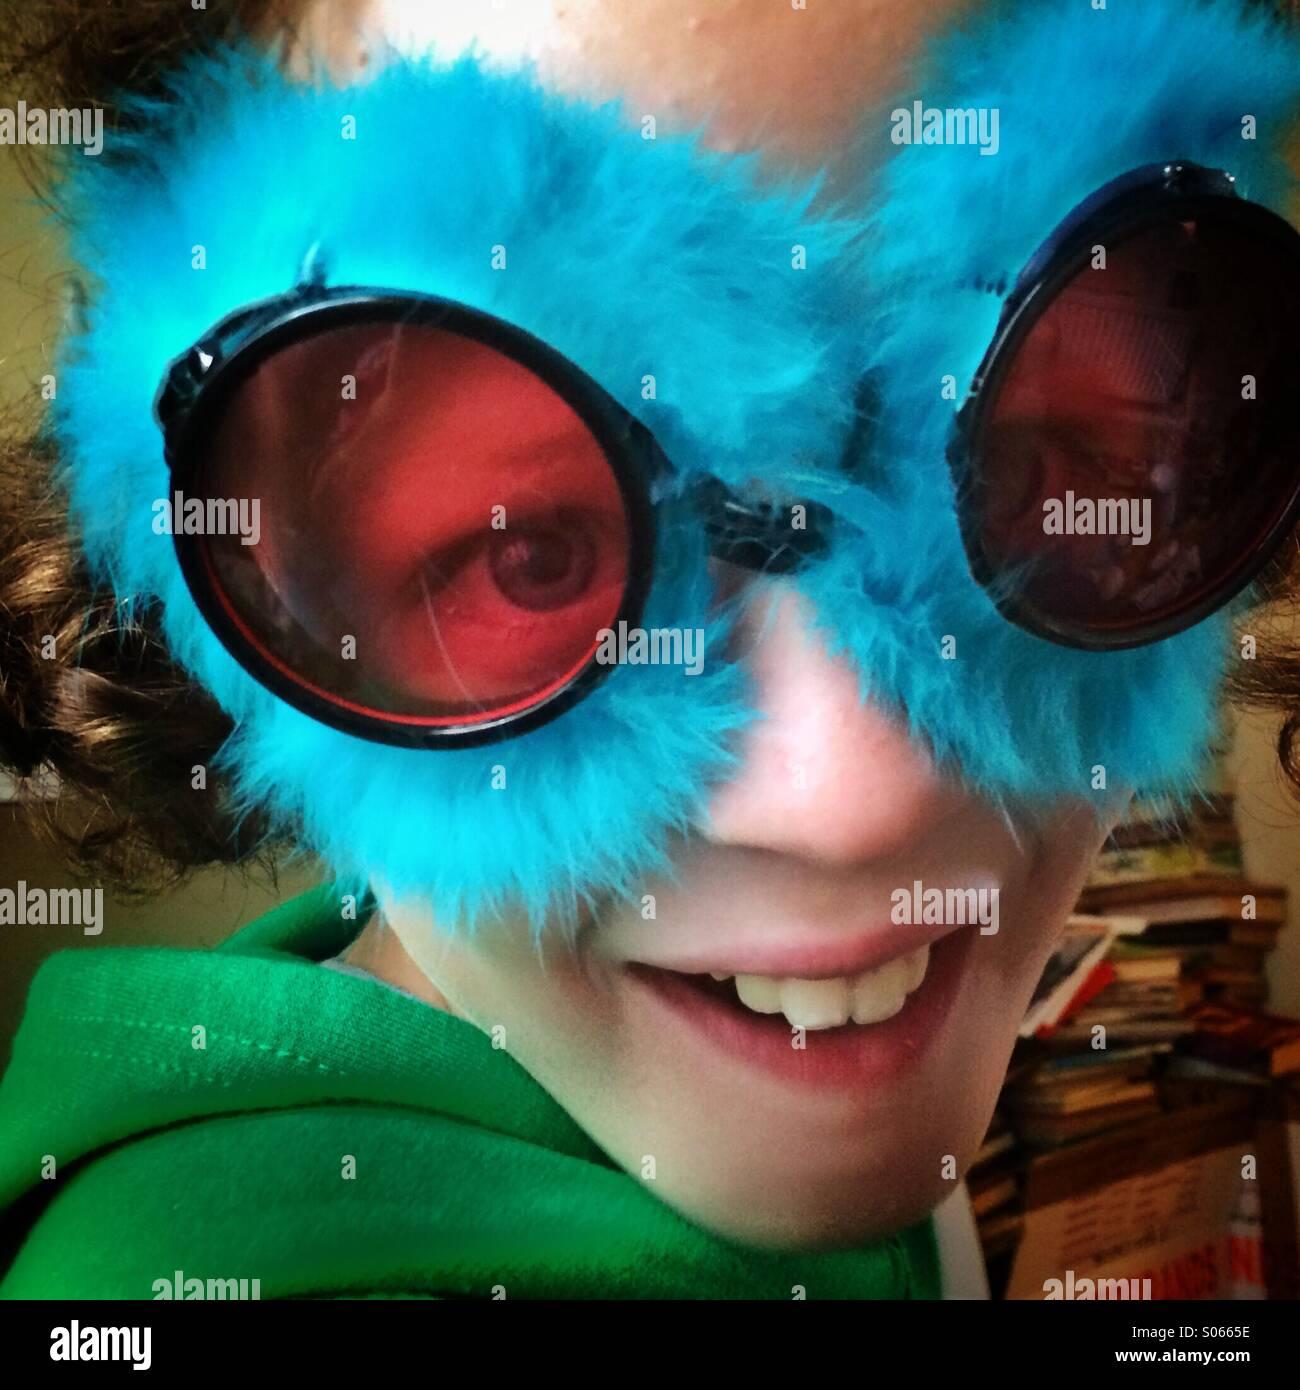 Girl in crazy glasses - Stock Image